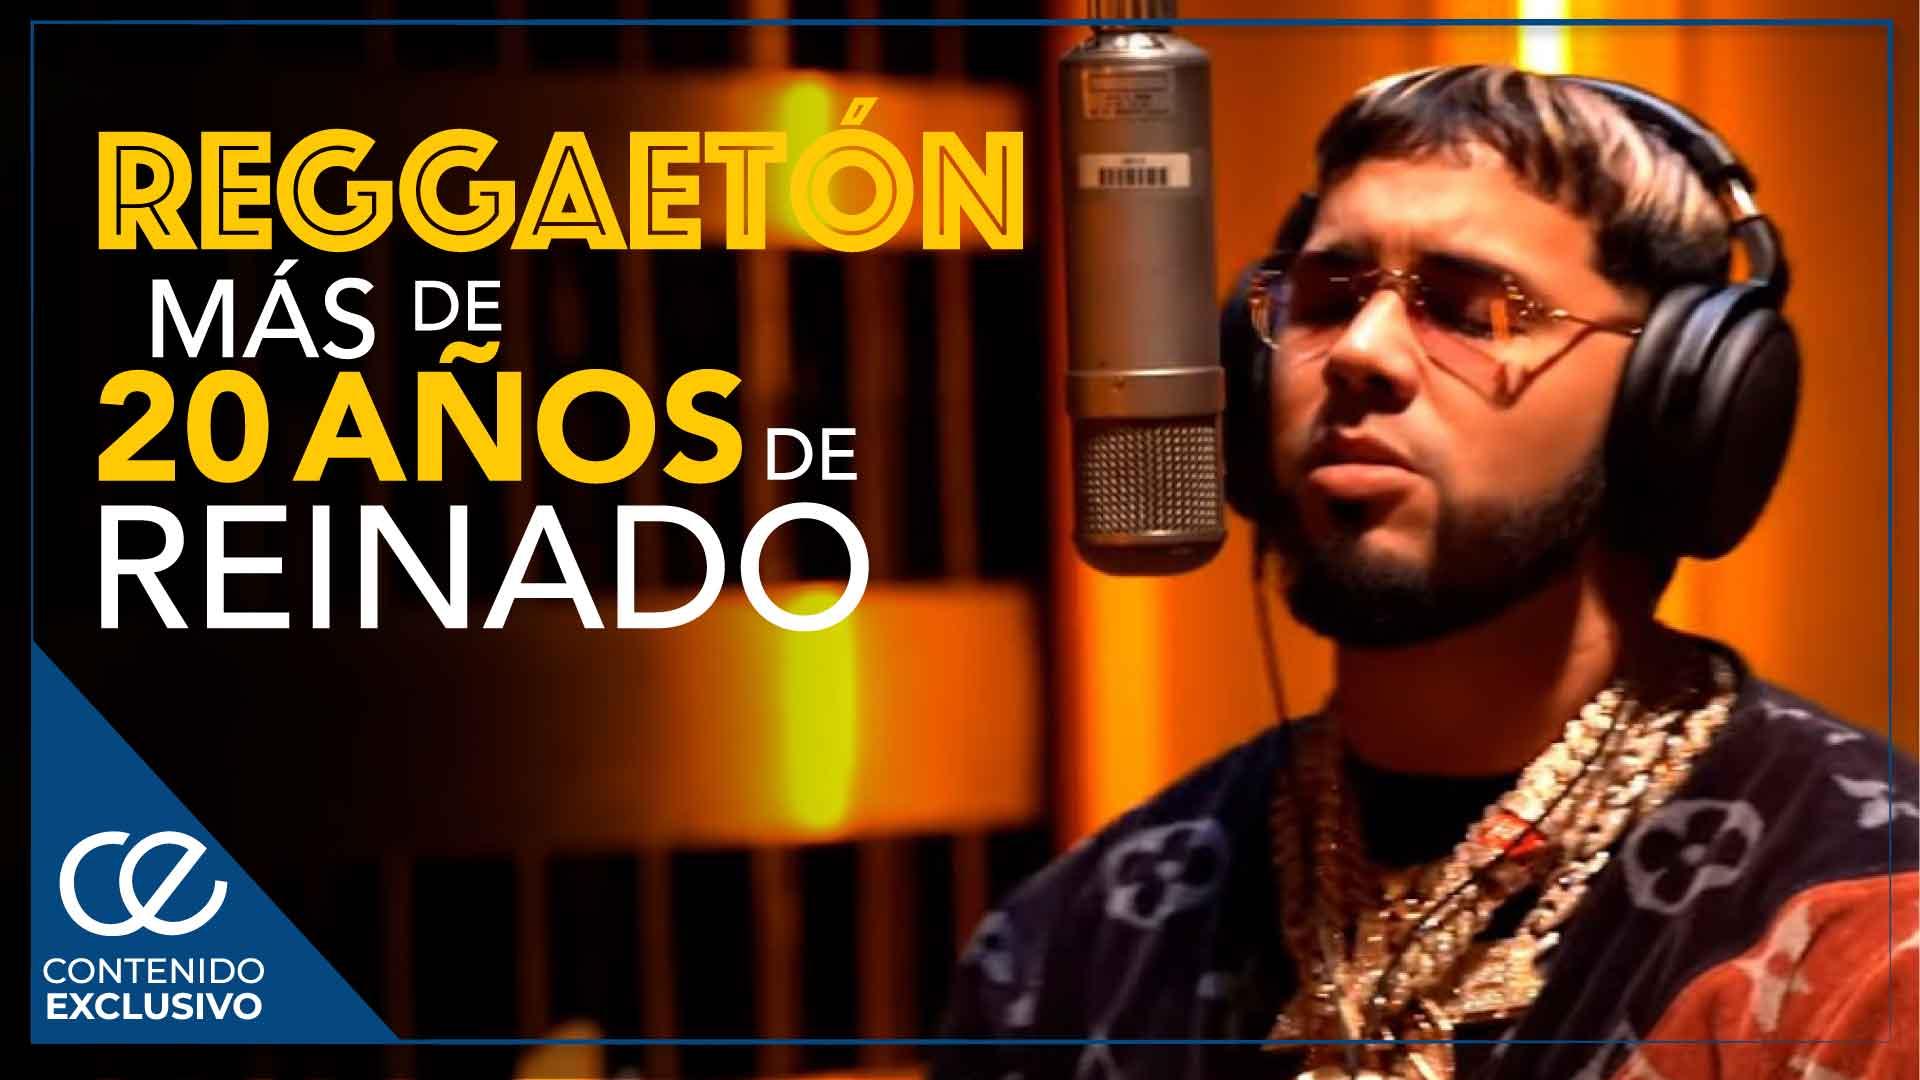 Reggaetón-más-de-20-años-de-reinado